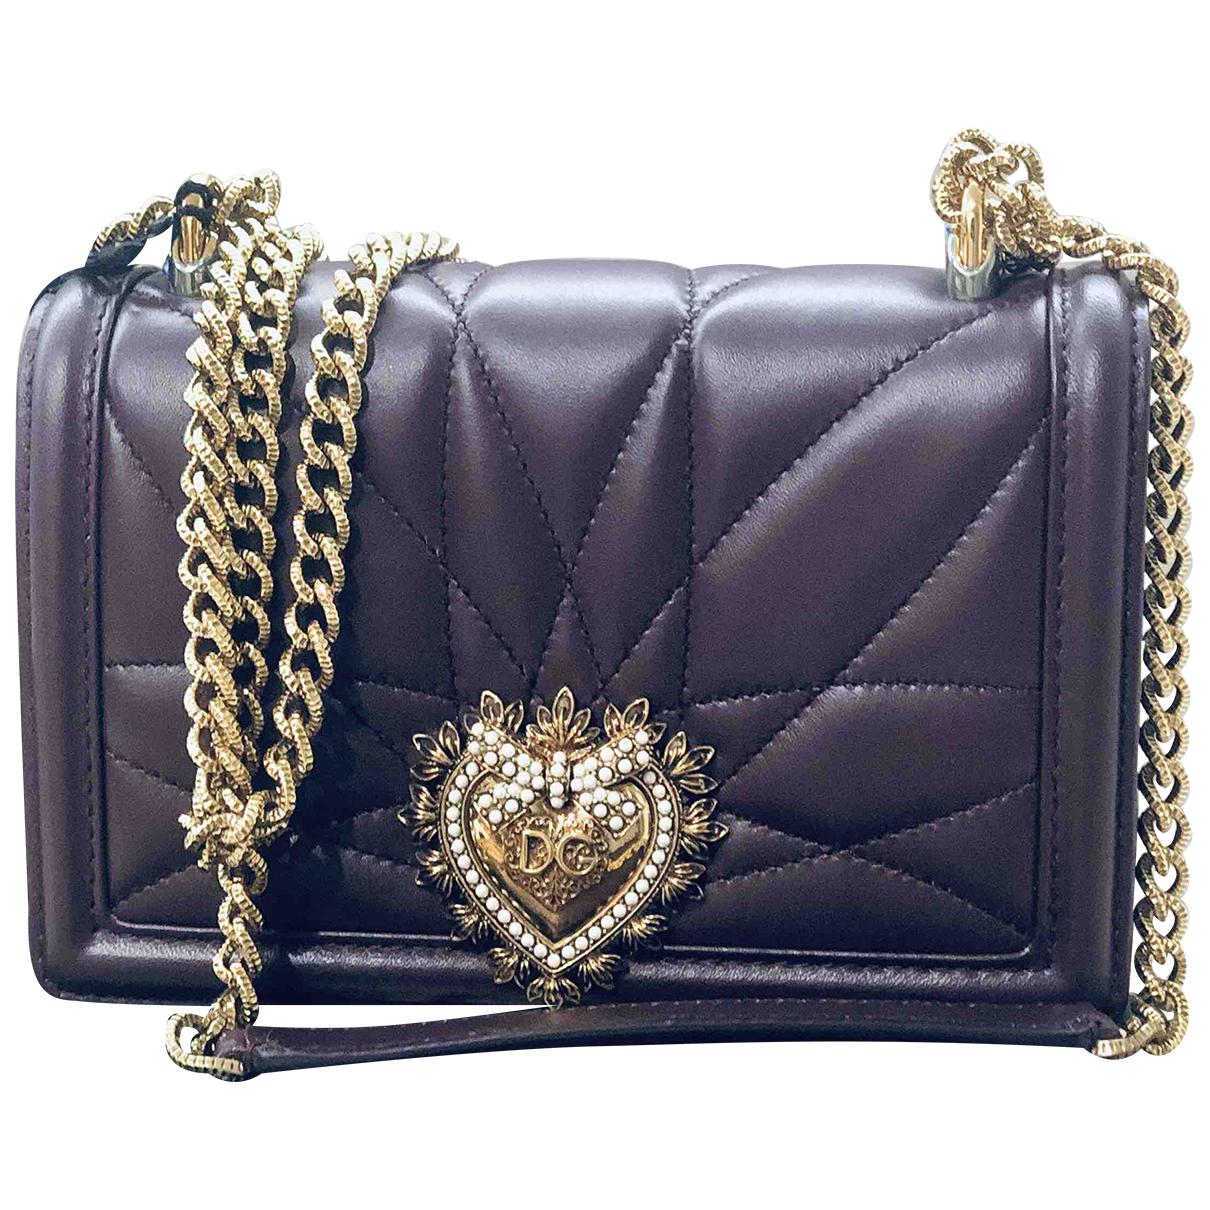 Dolce & Gabbana - Sac a main Devotion pour femme en cuir - bordeaux